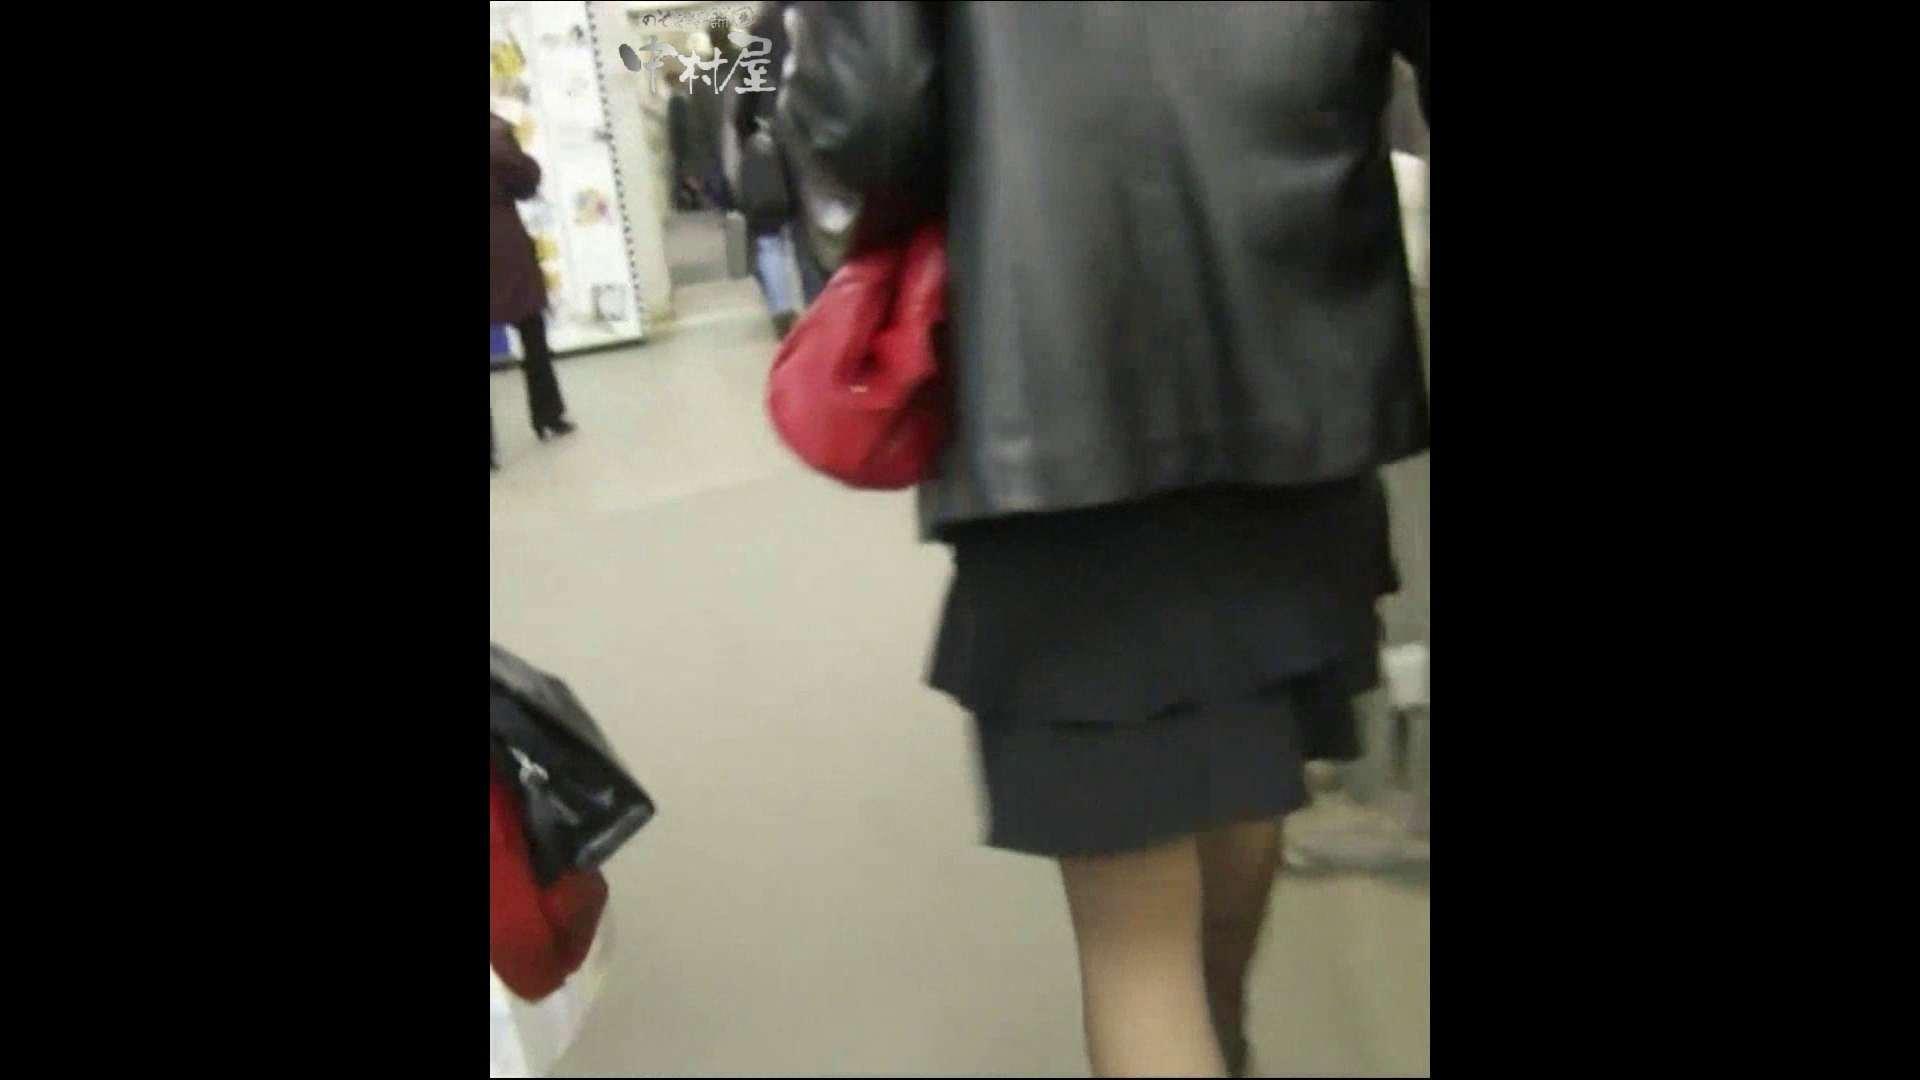 綺麗なモデルさんのスカート捲っちゃおう‼ vol16 OLハメ撮り  25Pix 22